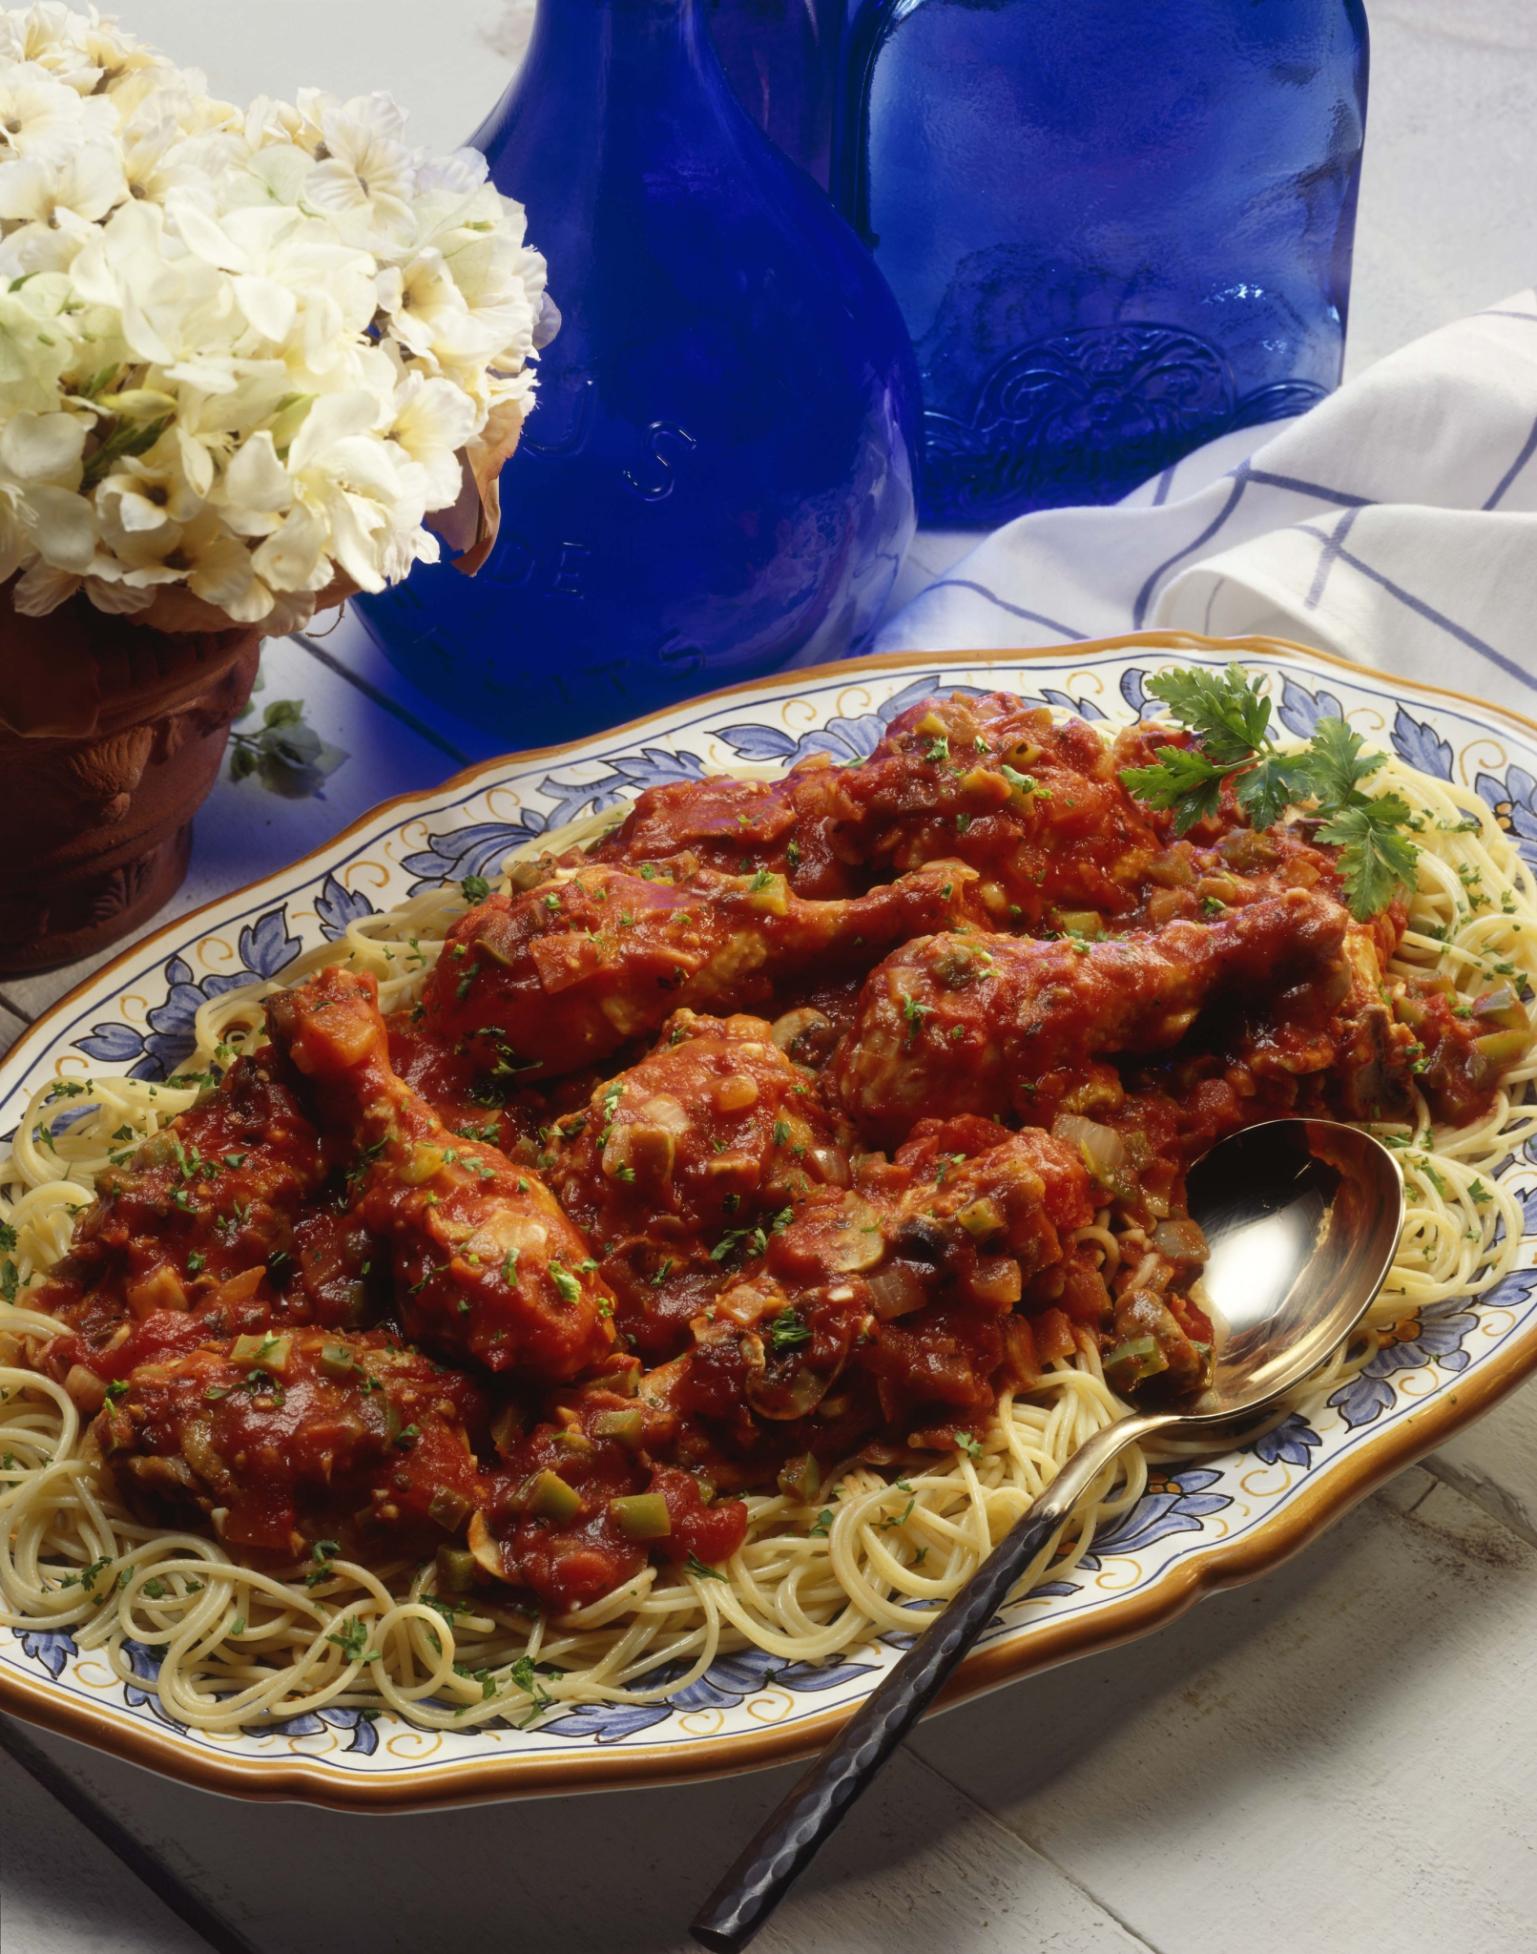 Estofado de pollo con verduras y fideos largos